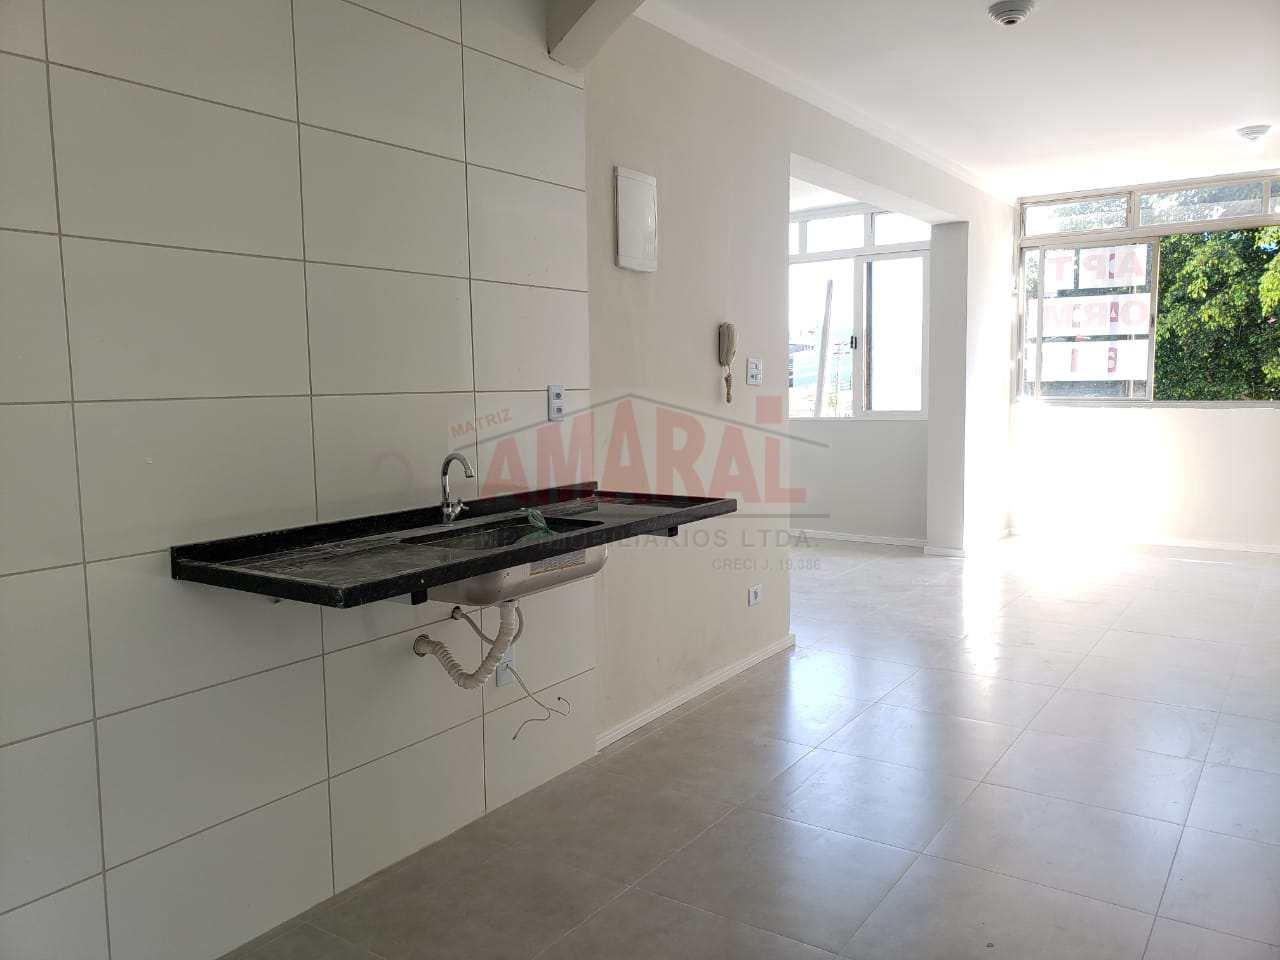 Apartamento com 3 dorms, Rudge Ramos, São Bernardo do Campo - R$ 259 mil, Cod: 11282